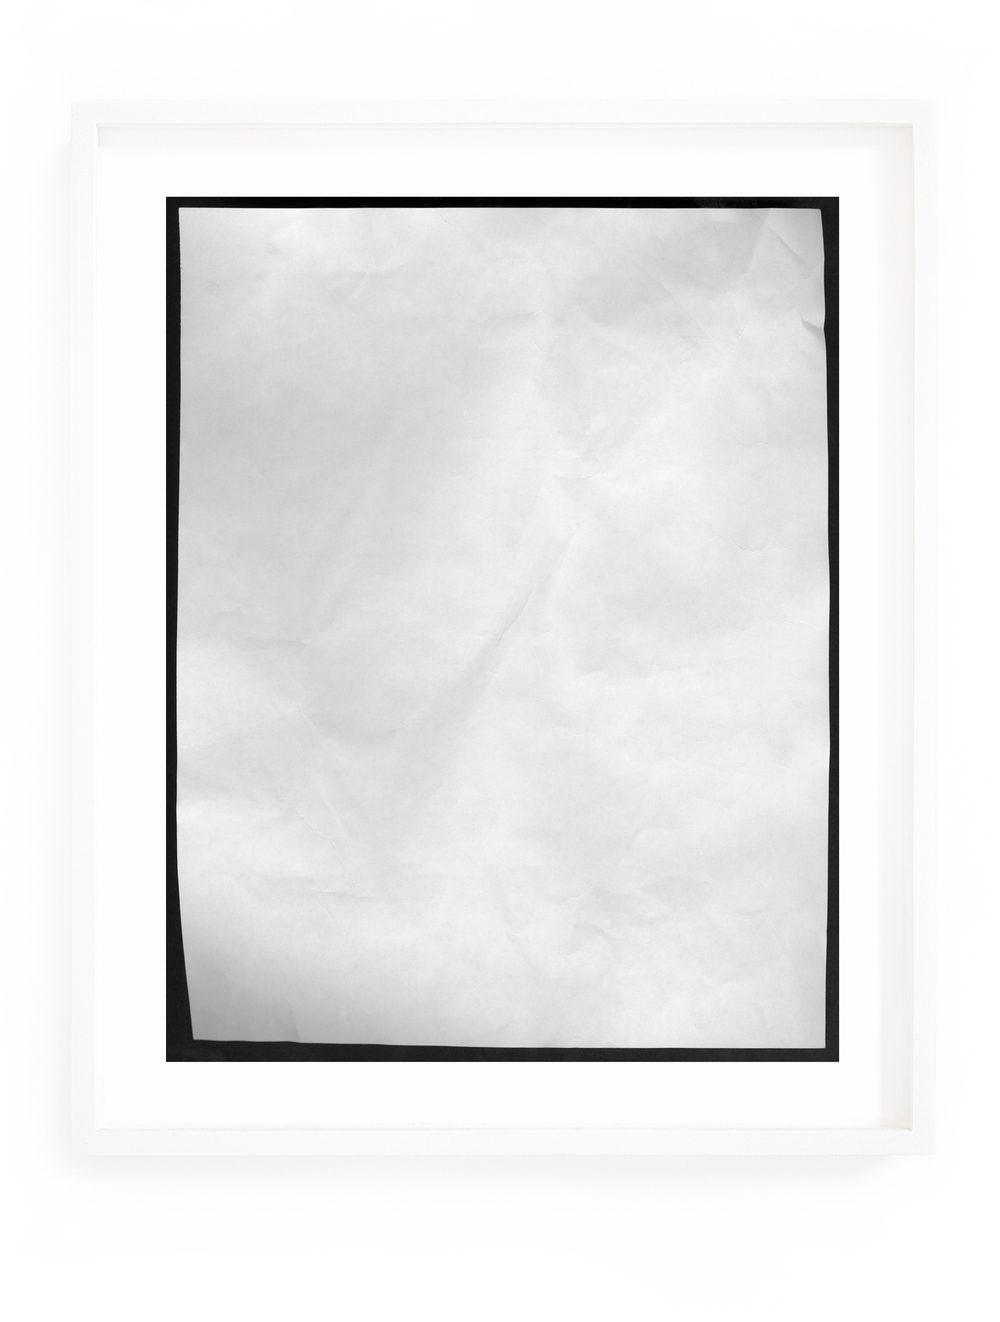 24v2_17x13x300_framed.jpg